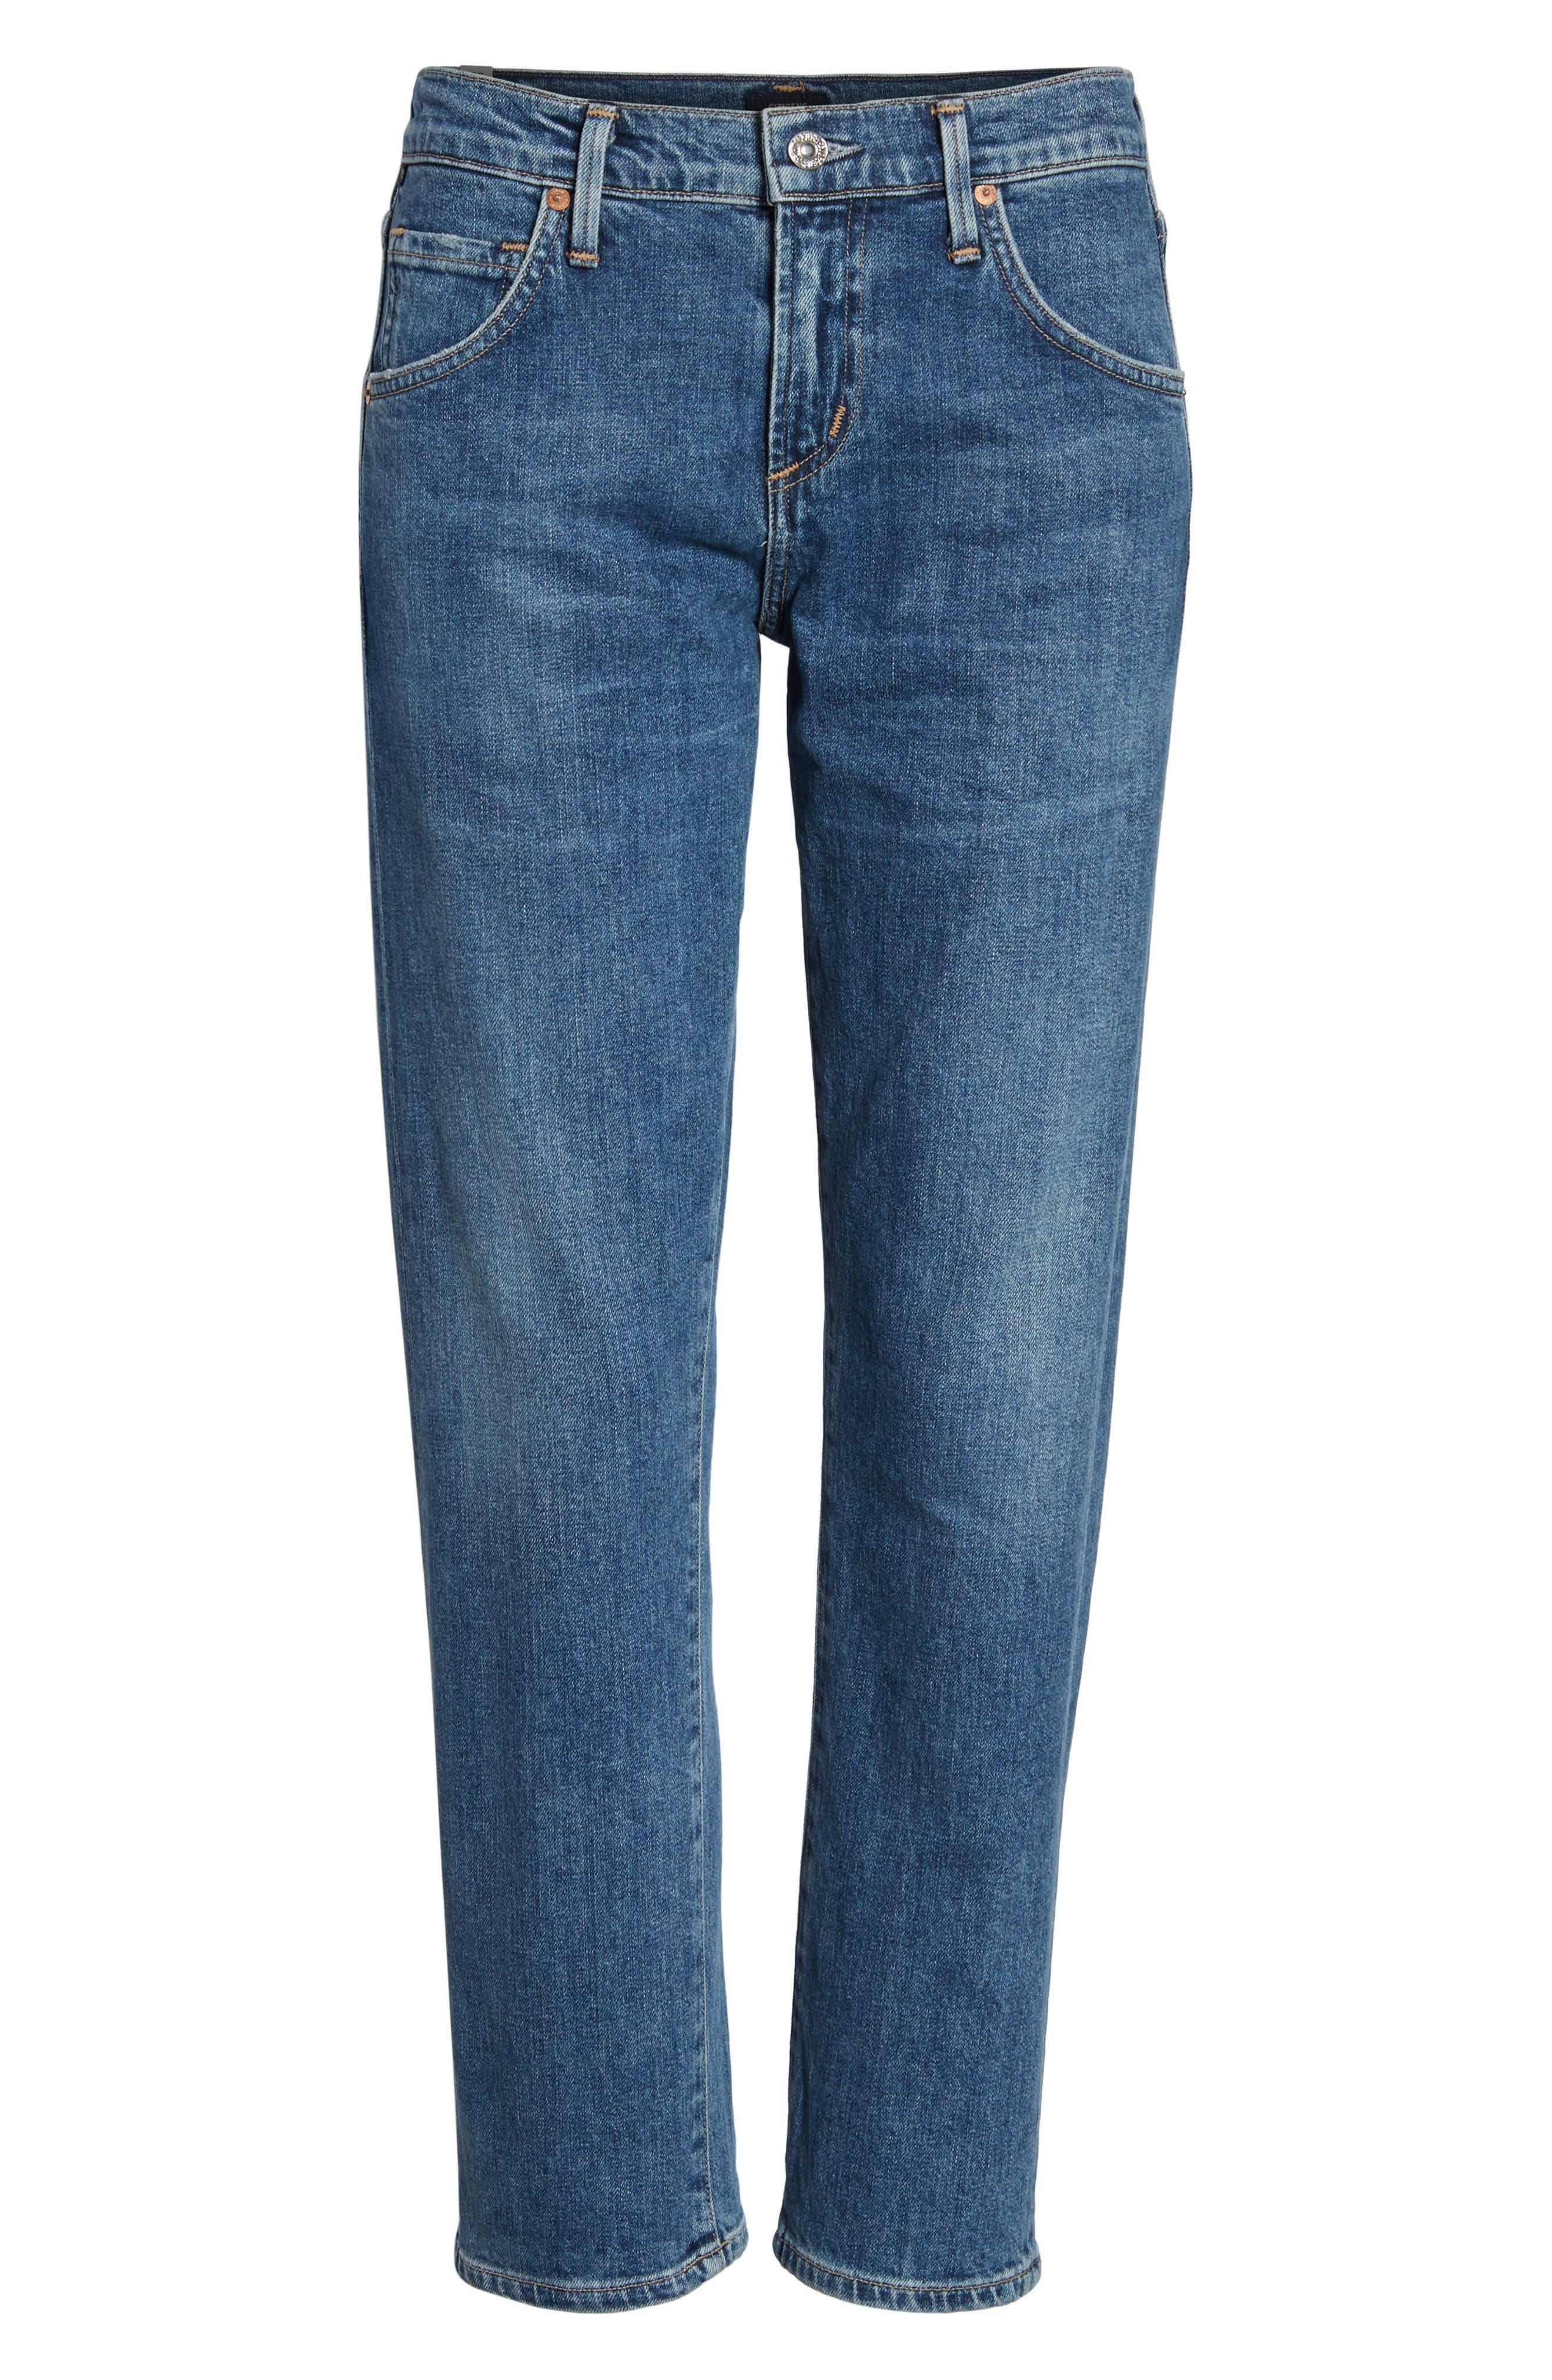 Emerson Slim Boyfriend Jeans,                             Alternate thumbnail 7, color,                             Century